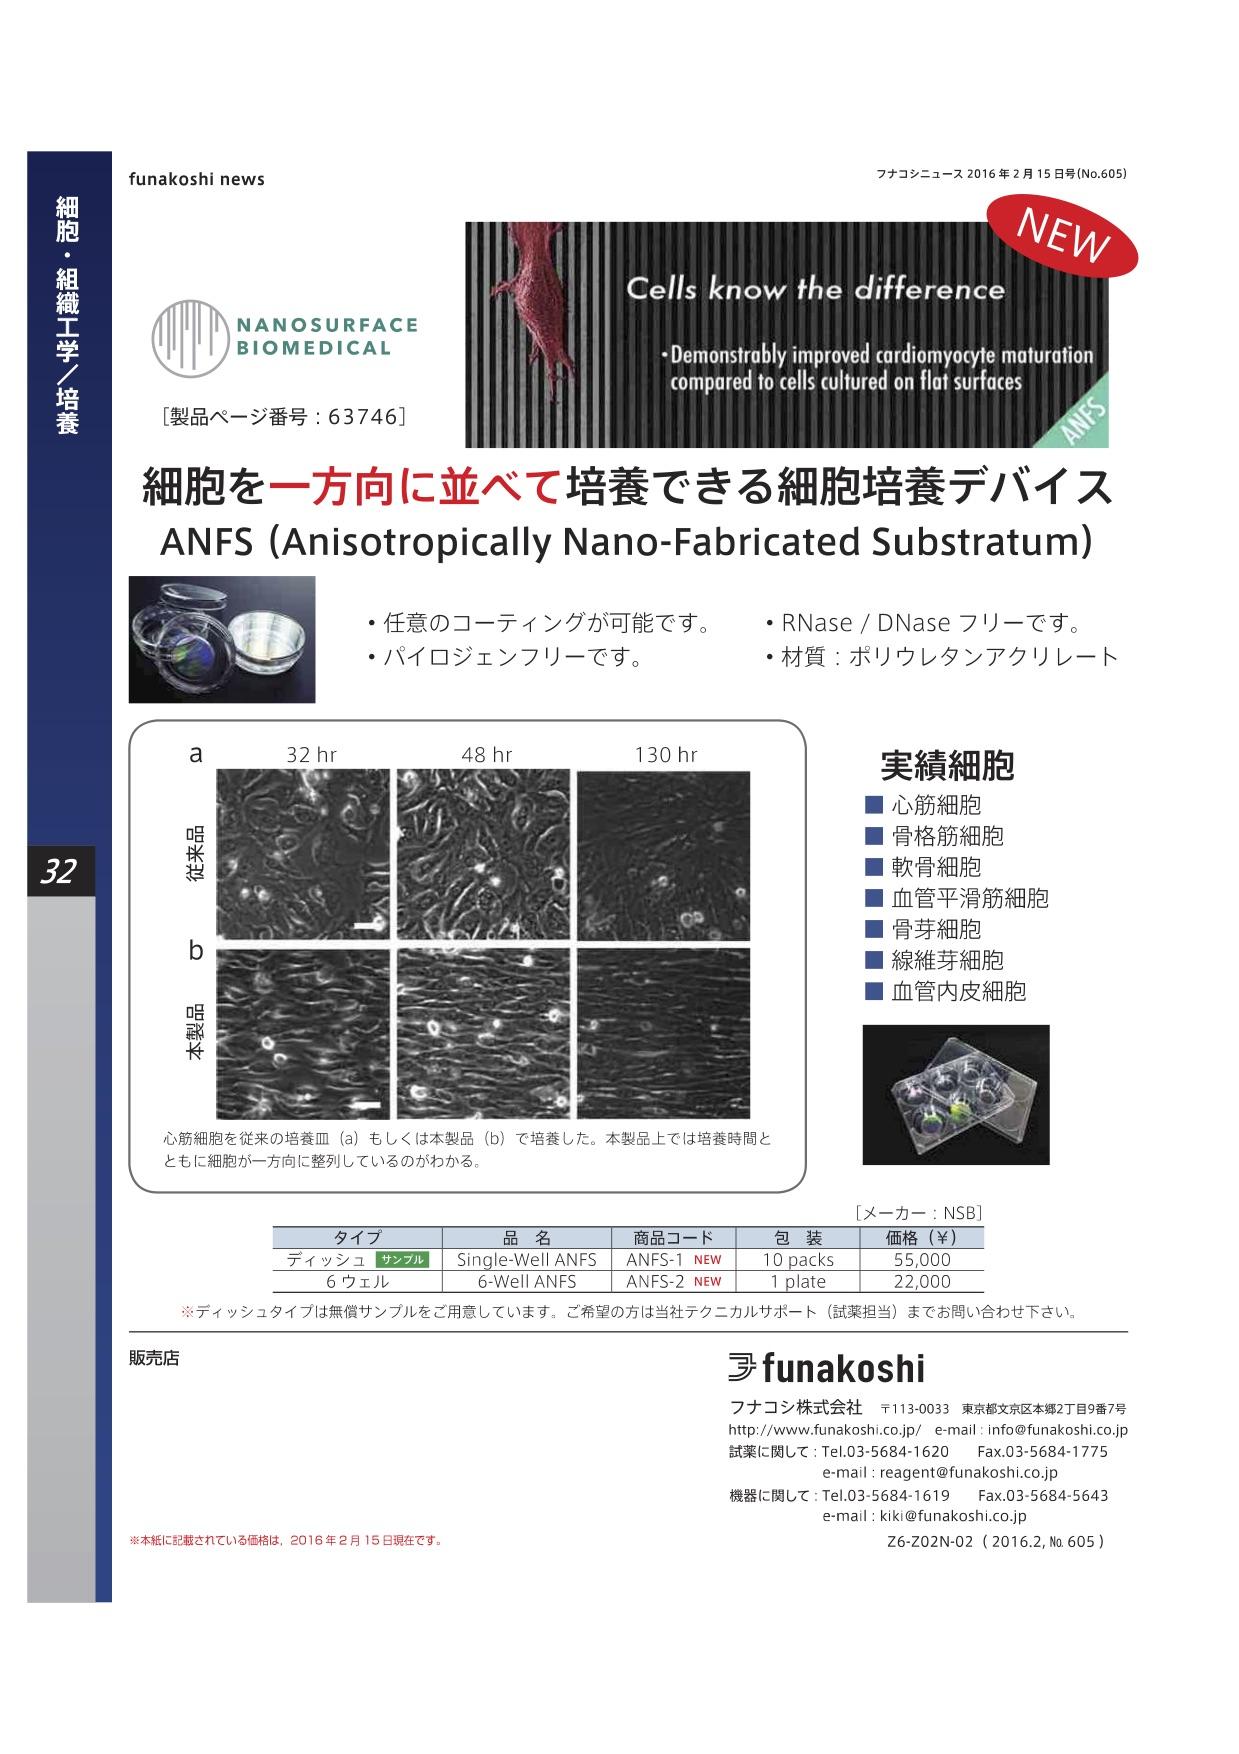 Funakoshi Ad 3.jpg